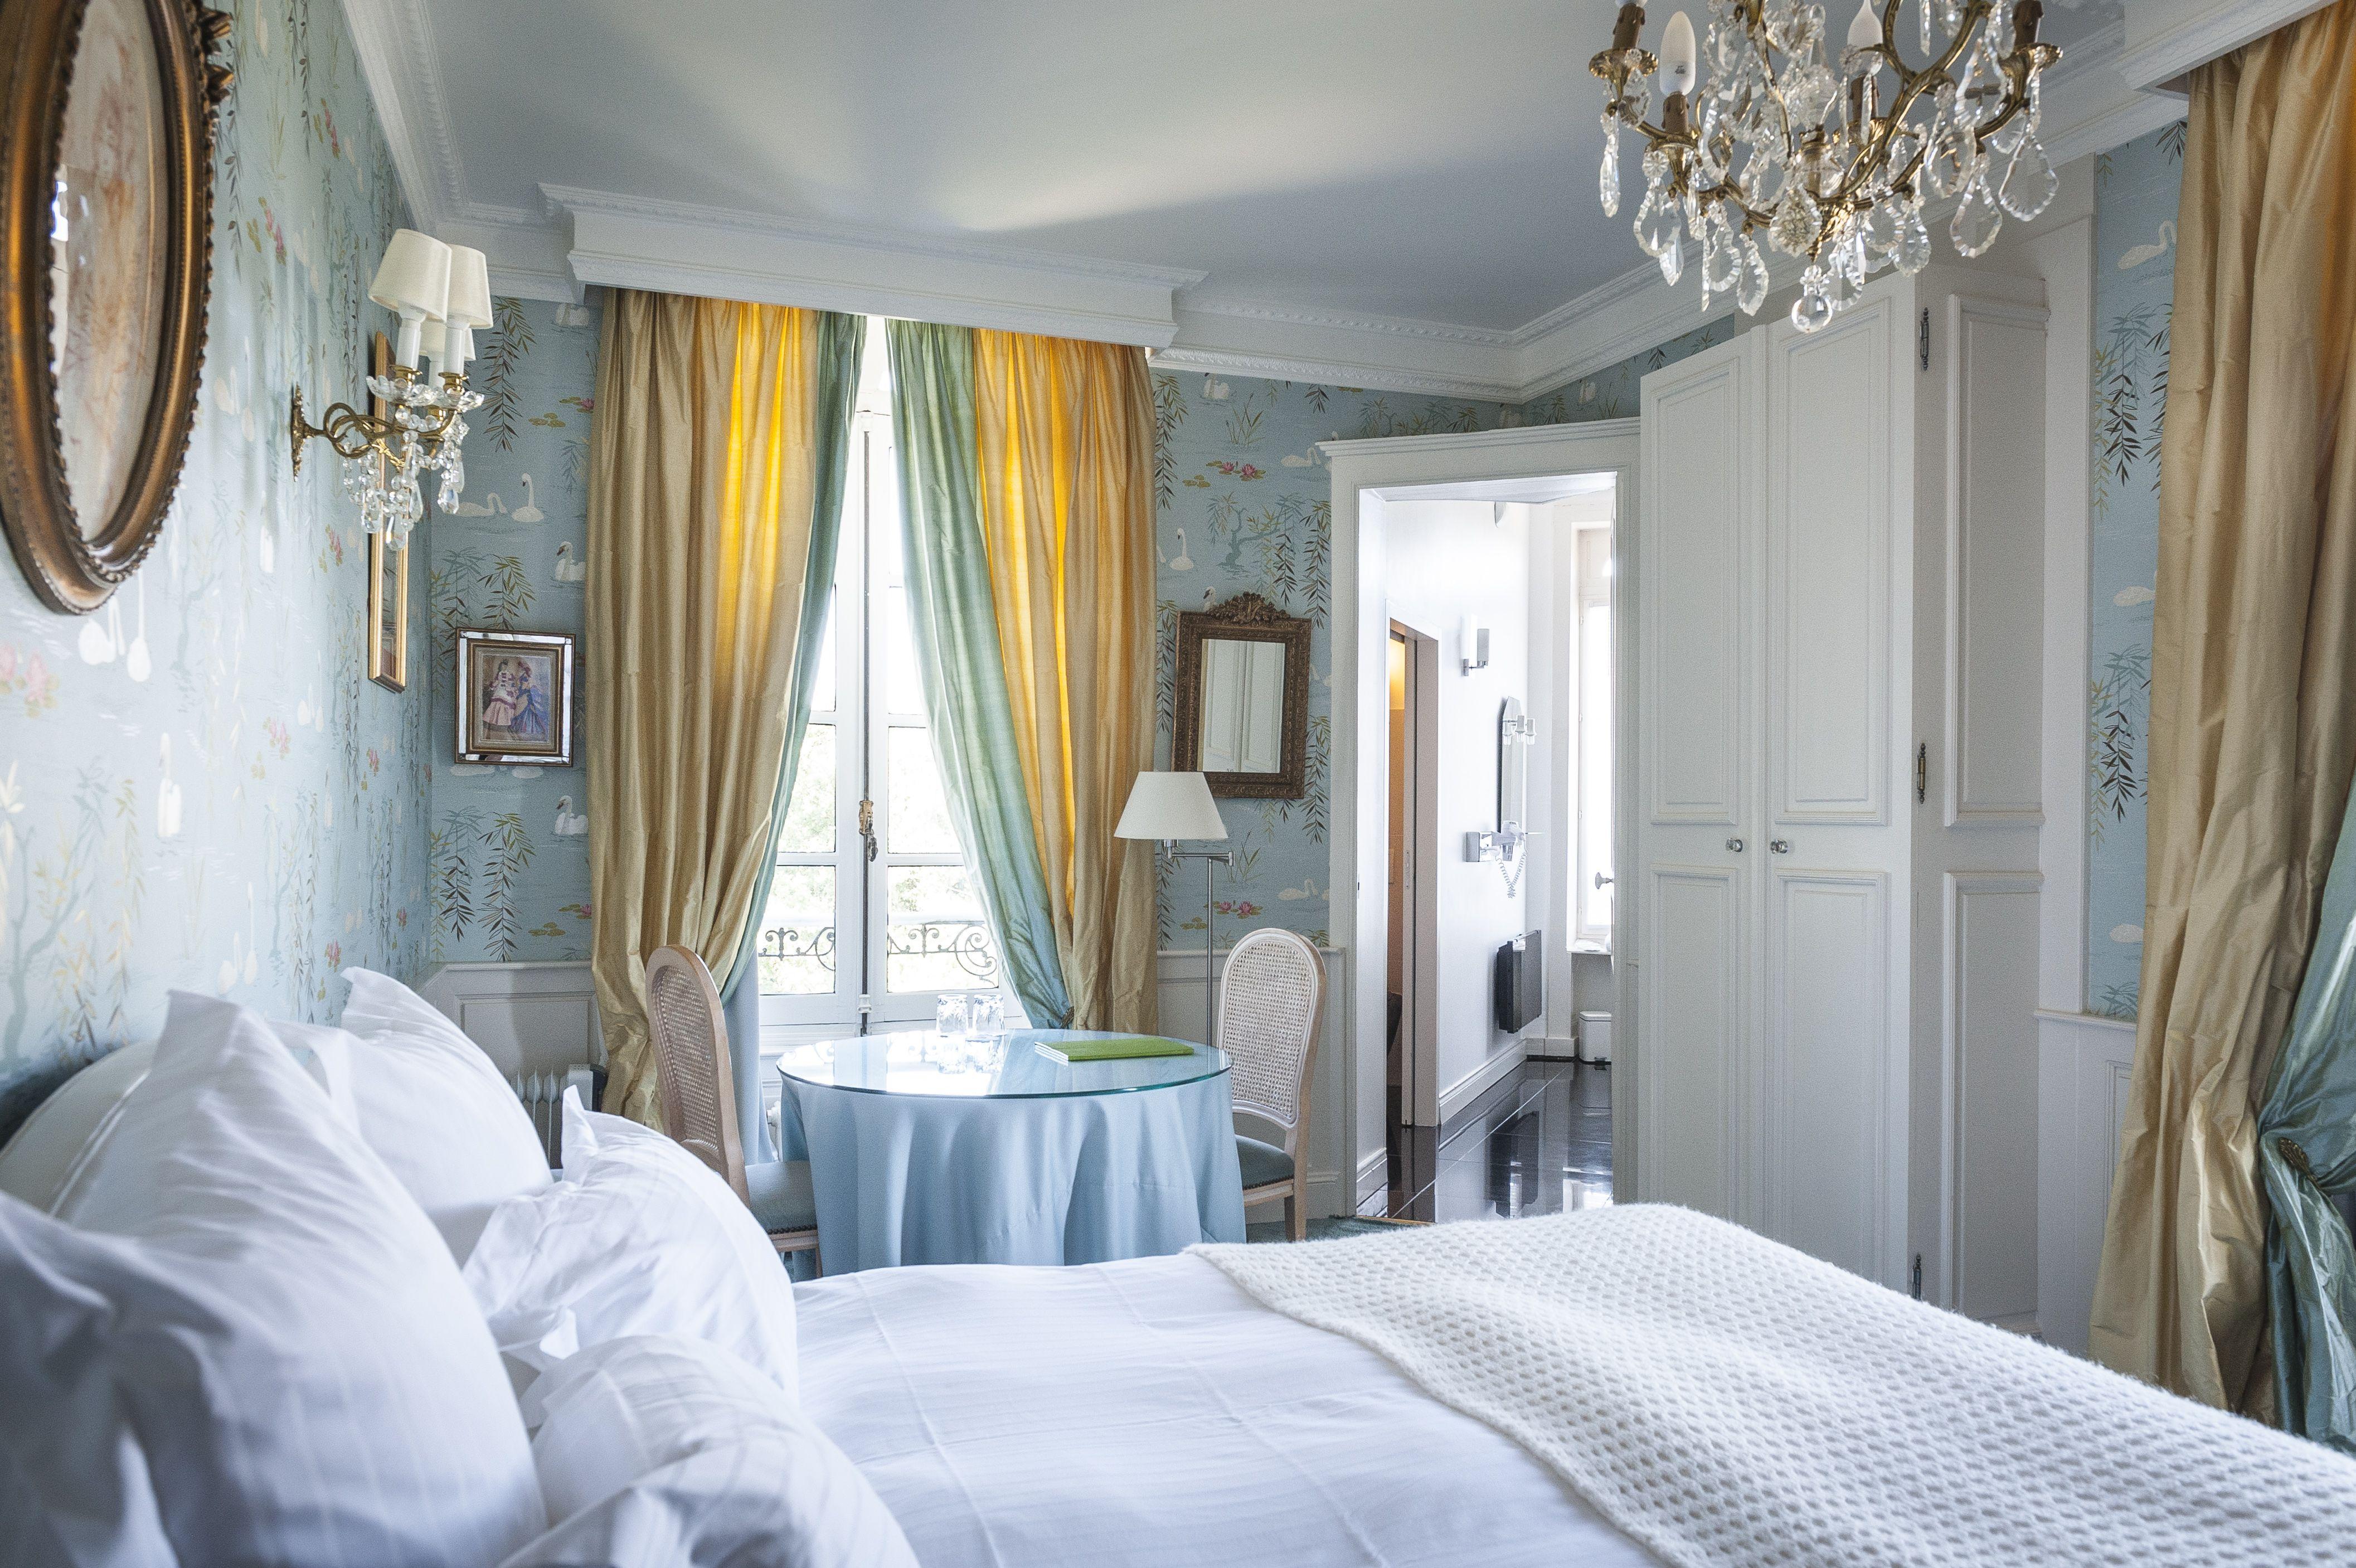 Chambre d H´tel au ch¢teau d Apigné Hotel room into the Castle